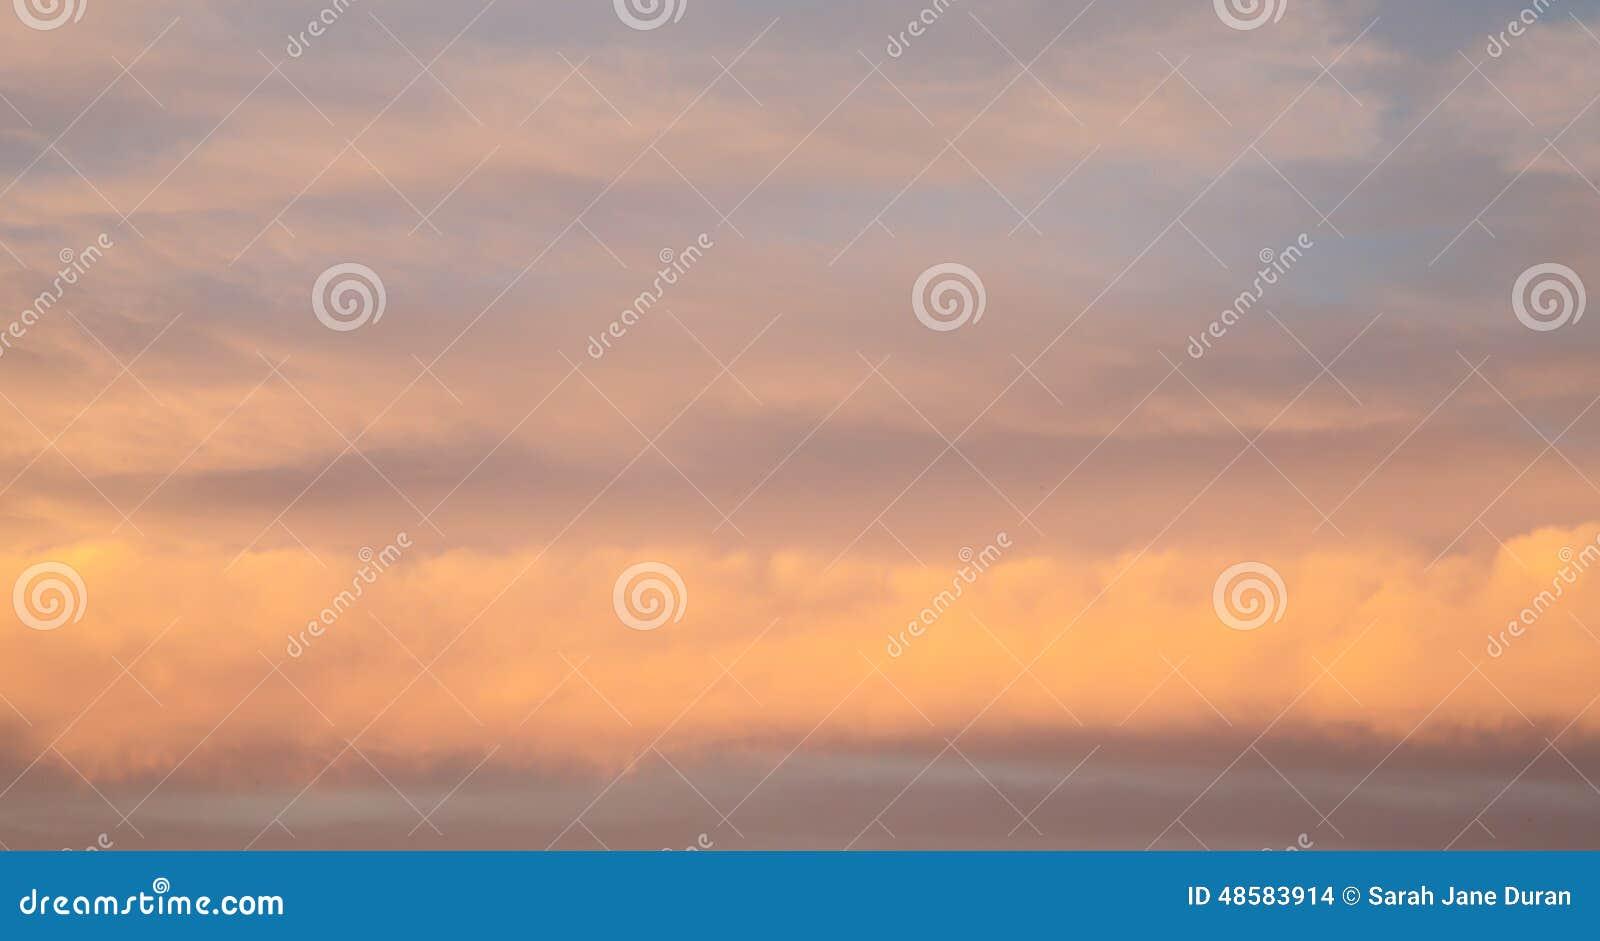 Розовые облака шторма в слоях линий на заходе солнца